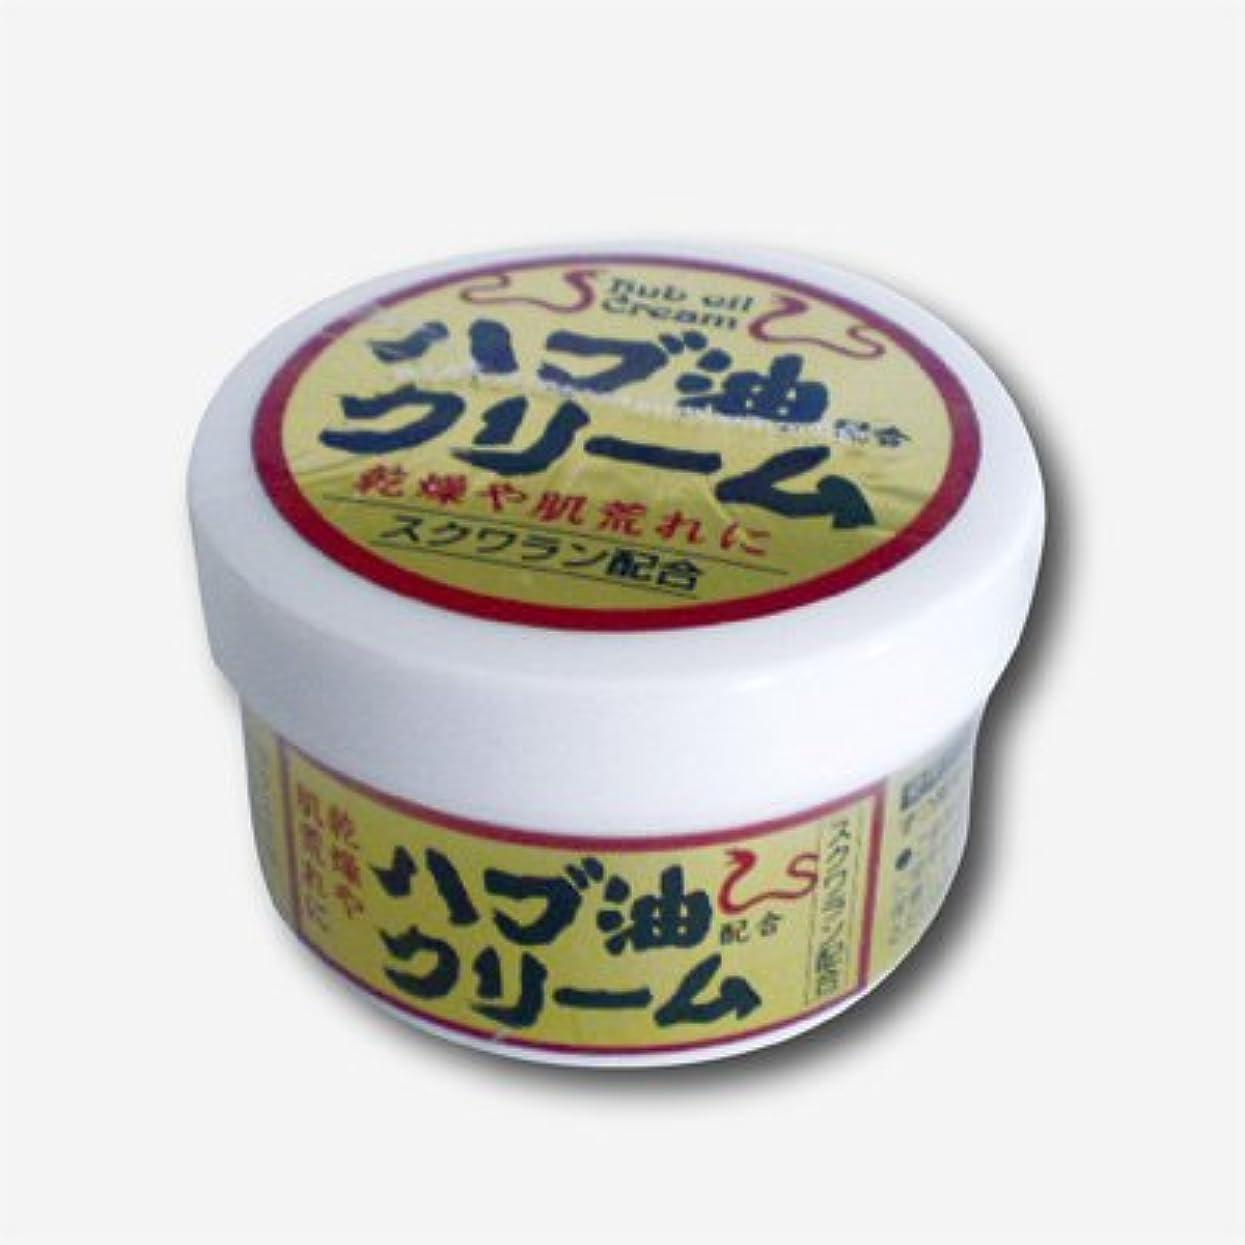 リファインブラウズ恥ずかしいハブ油配合クリーム 1個【1個?50g】